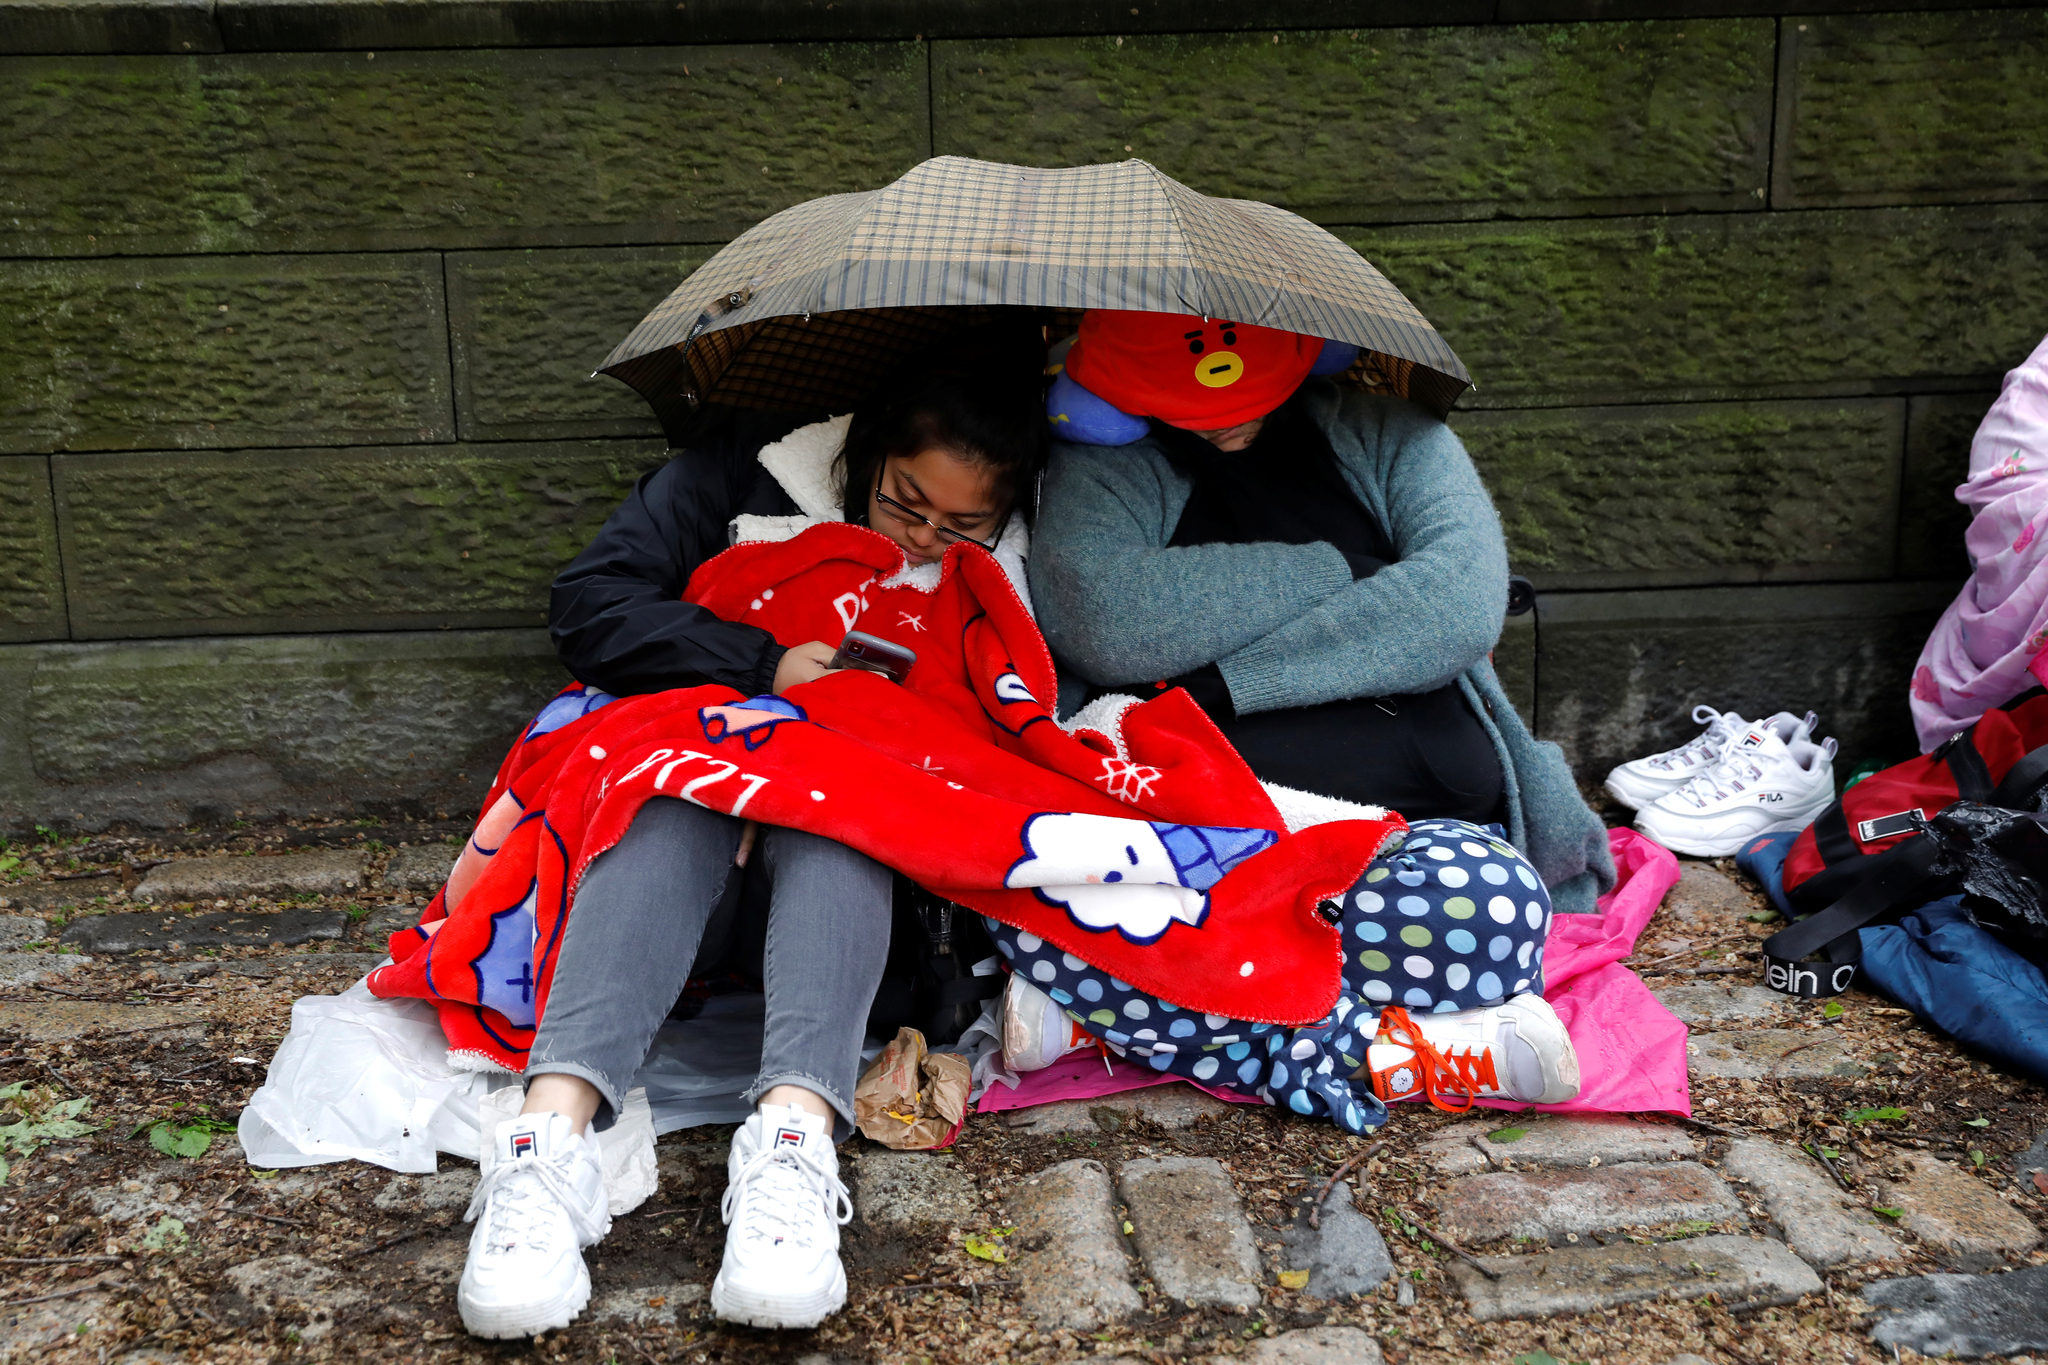 방탄소년단 팬들이 14일(현지시간) 뉴욕 센트럴 파크에서 우산을 쓰고 잠을 청하고 있다. [로이터=연합뉴스]